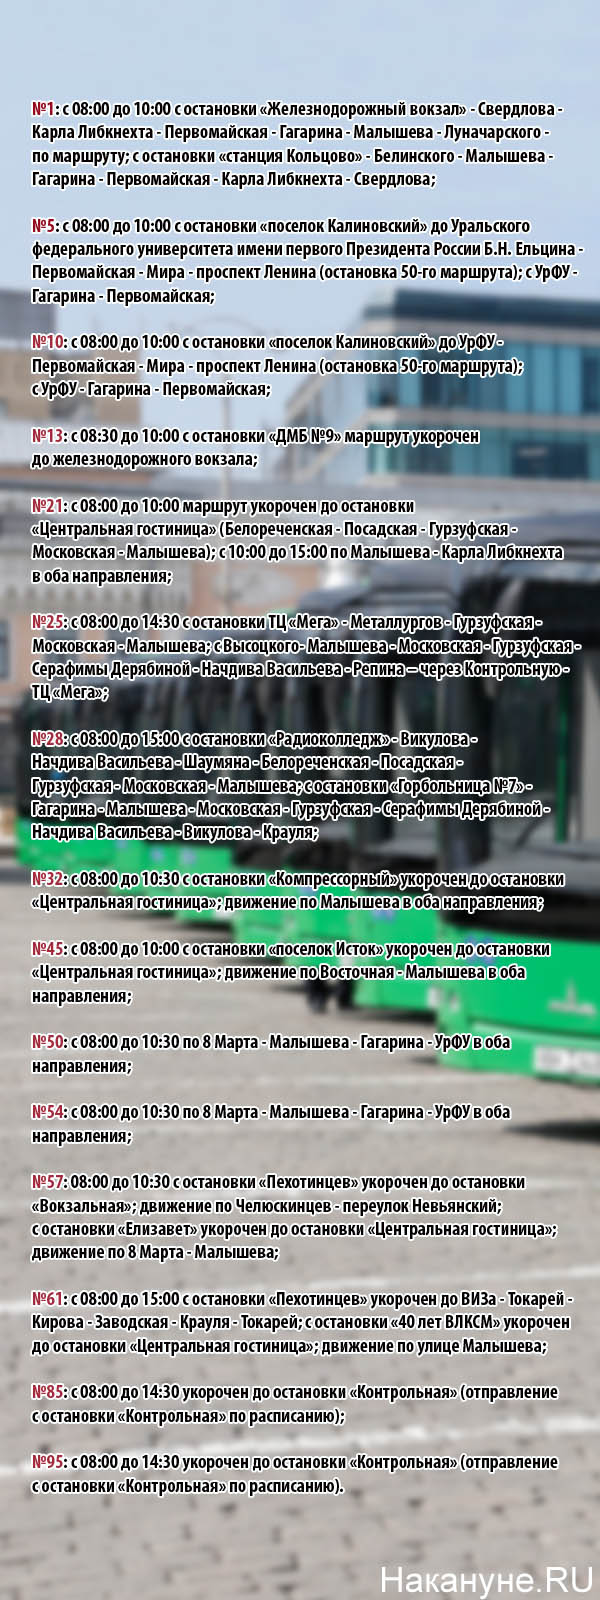 автобусы, изменения маршрутов|Фото: Накануне.RU